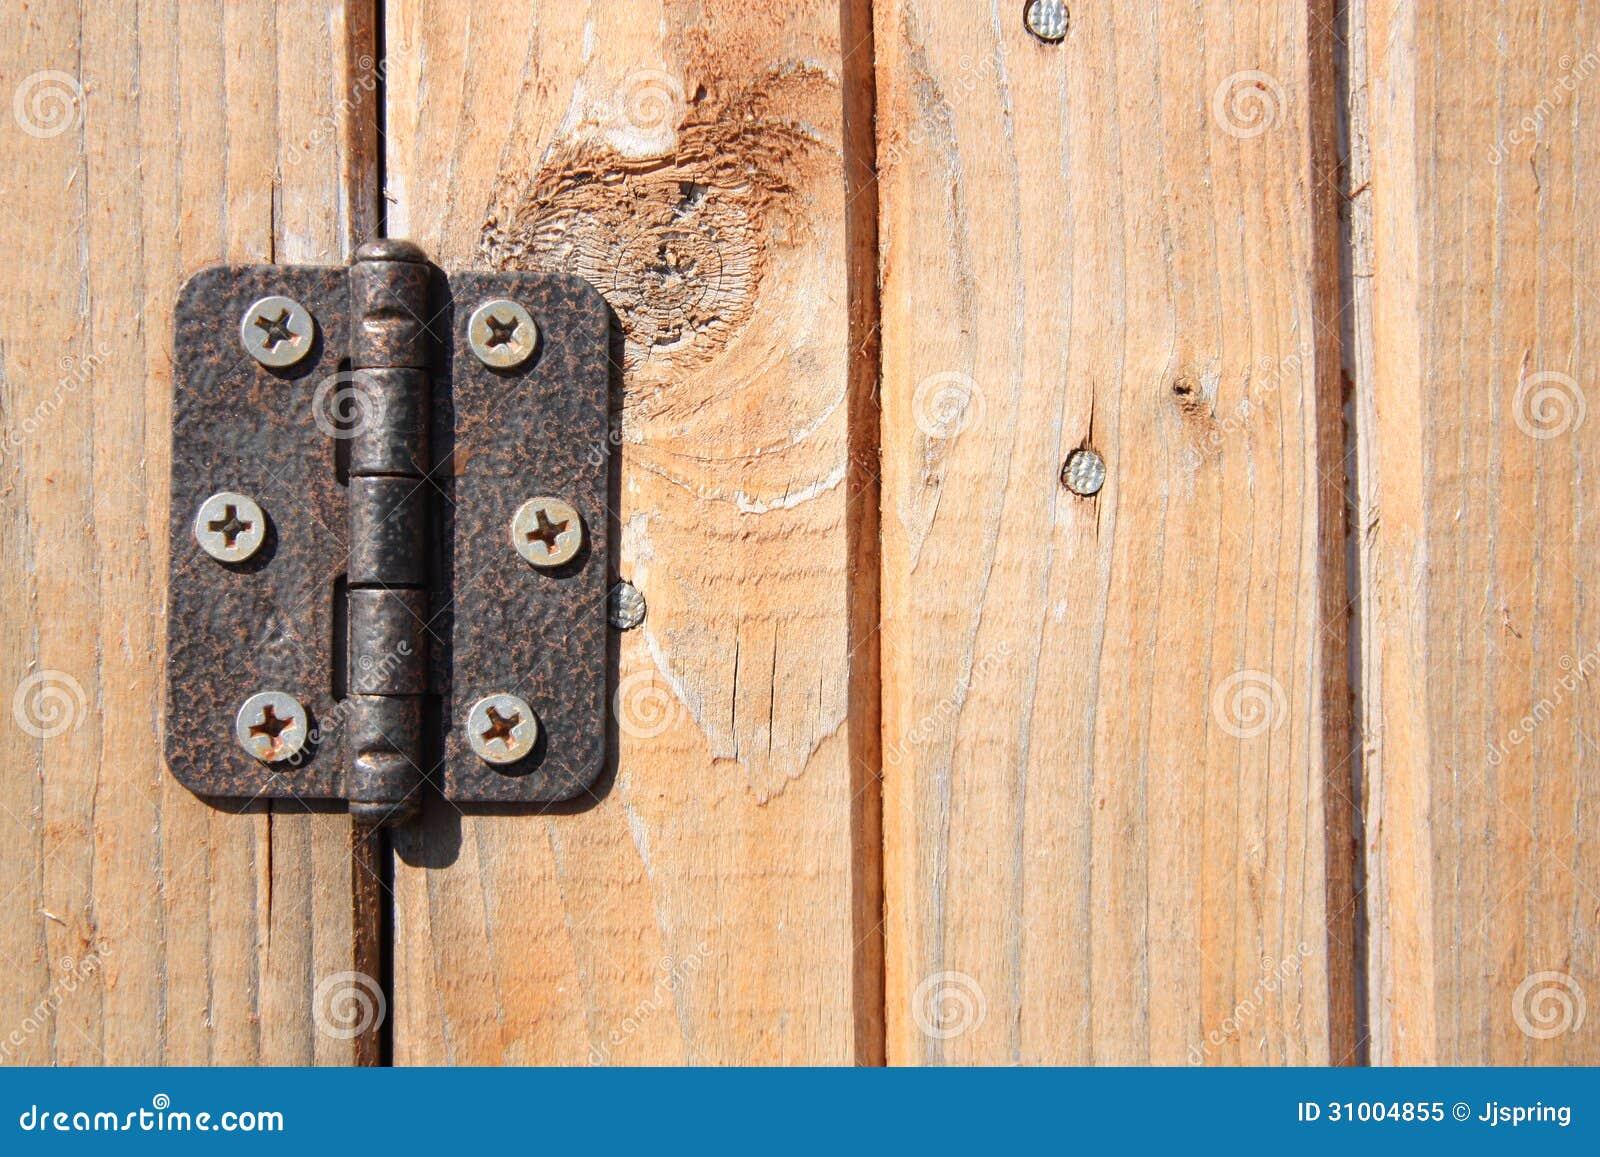 Türscharnier stockbild. Bild von crannied, scharniere - 31004855